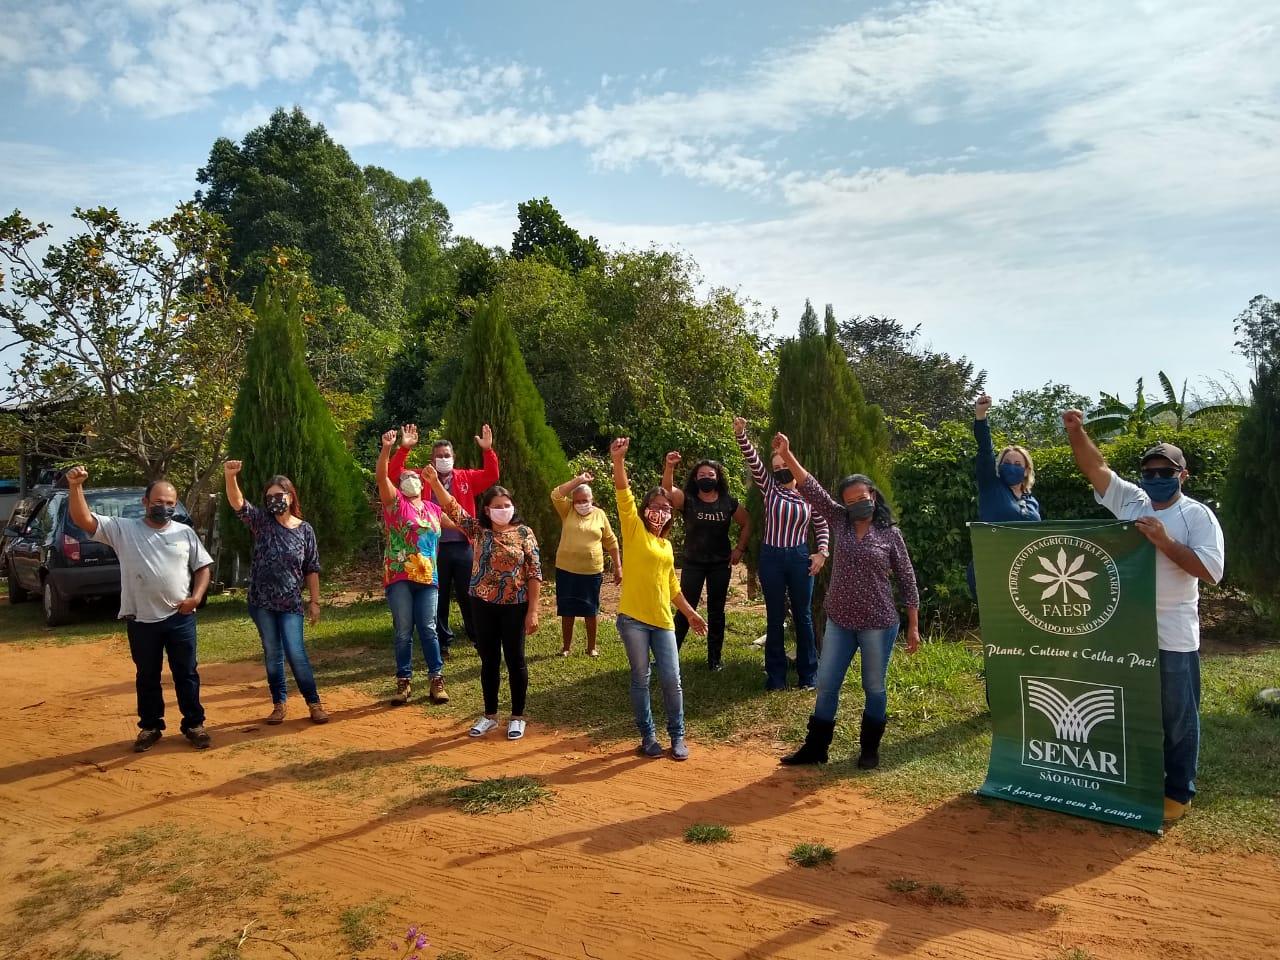 Técnica Rural: 3 coisas que você precisa aprender sobre organização comunitária